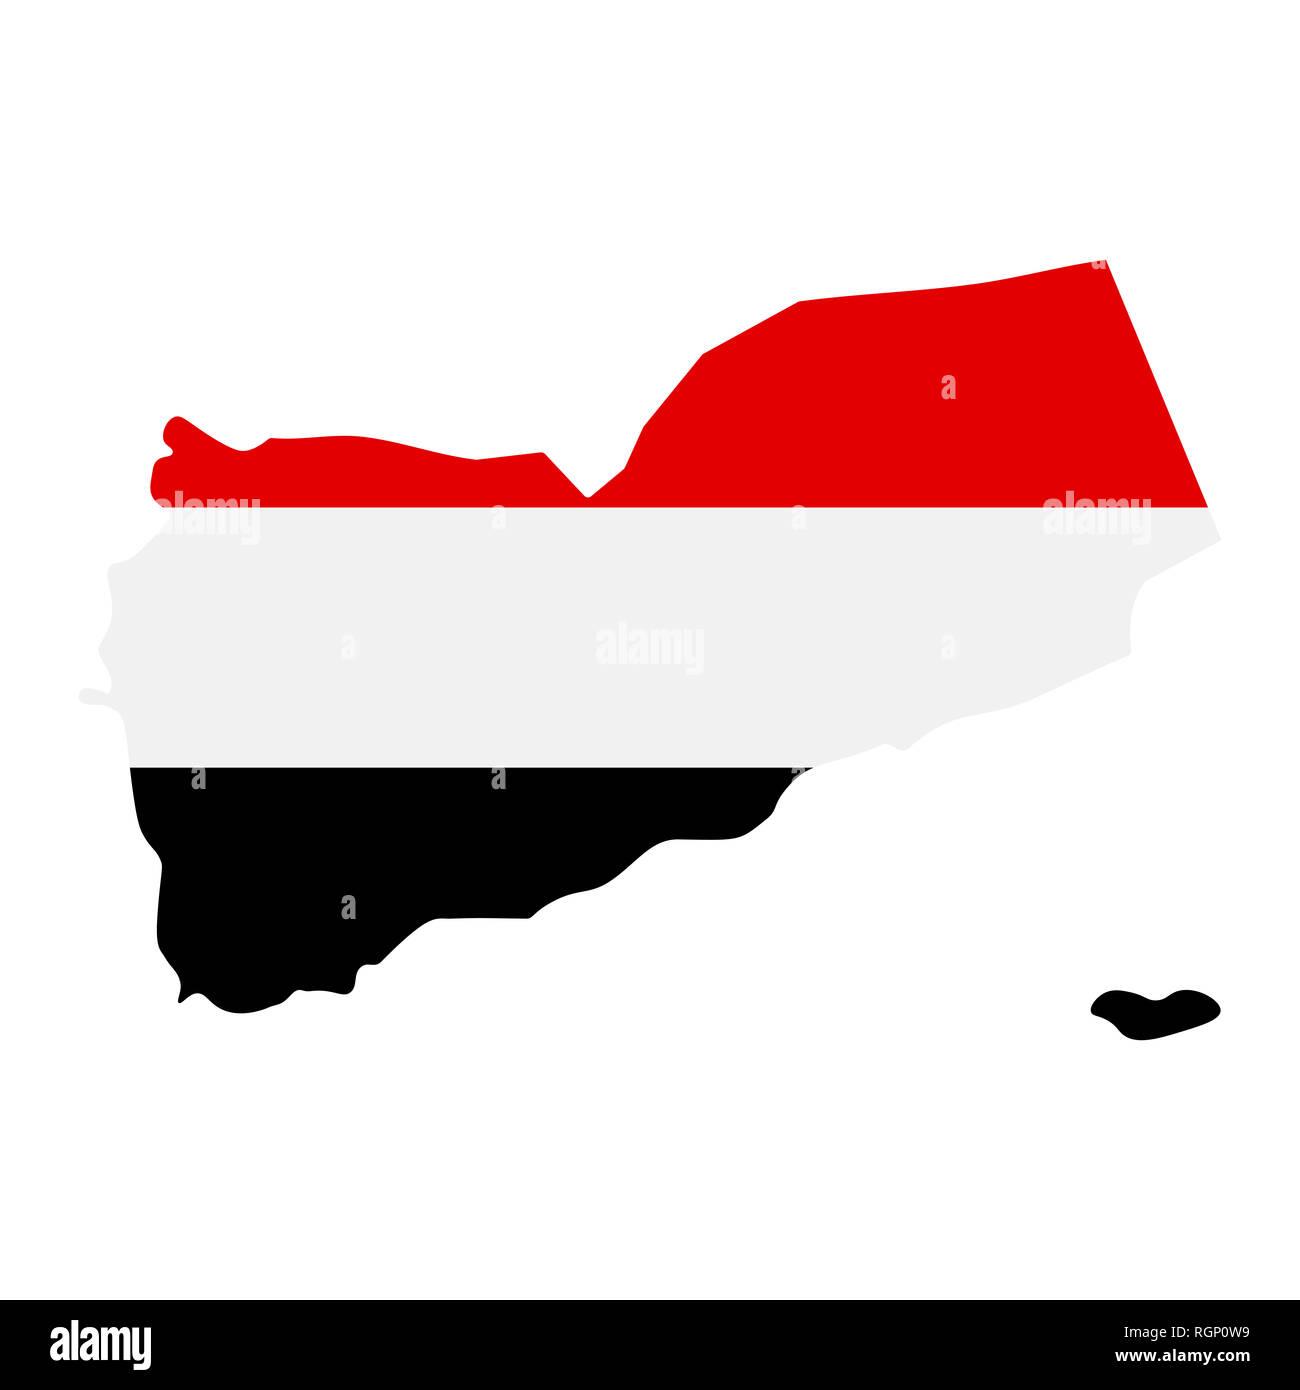 map of Yemen with flag inside. Yemen map  illustration - Stock Image